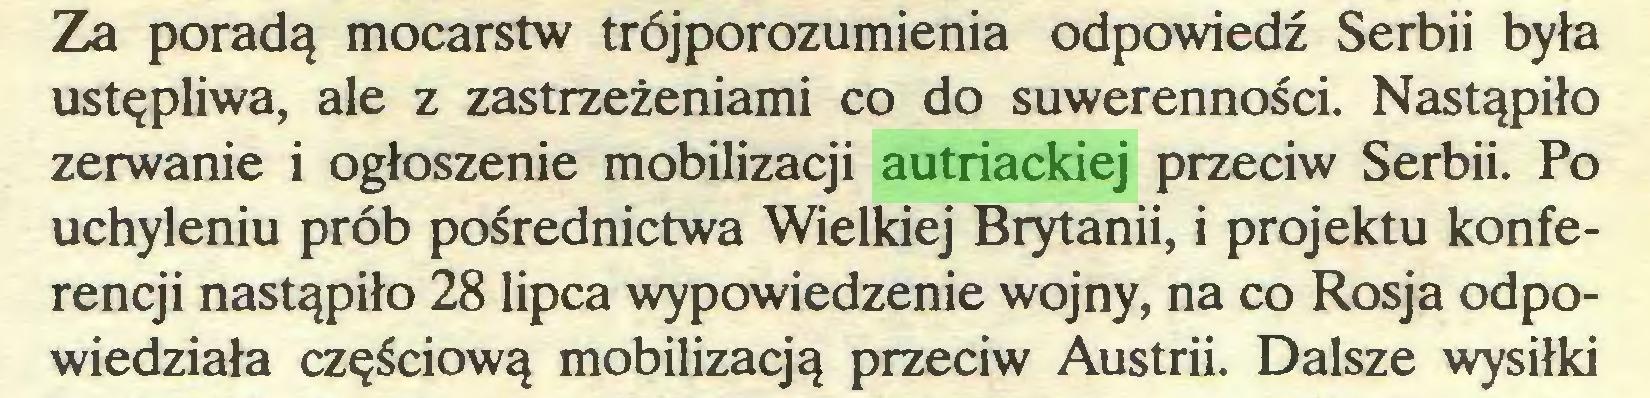 (...) Za poradą mocarstw trójporozumienia odpowiedź Serbii była ustępliwa, ale z zastrzeżeniami co do suwerenności. Nastąpiło zerwanie i ogłoszenie mobilizacji autriackiej przeciw Serbii. Po uchyleniu prób pośrednictwa Wielkiej Brytanii, i projektu konferencji nastąpiło 28 lipca wypowiedzenie wojny, na co Rosja odpowiedziała częściową mobilizacją przeciw Austrii. Dalsze wysiłki...